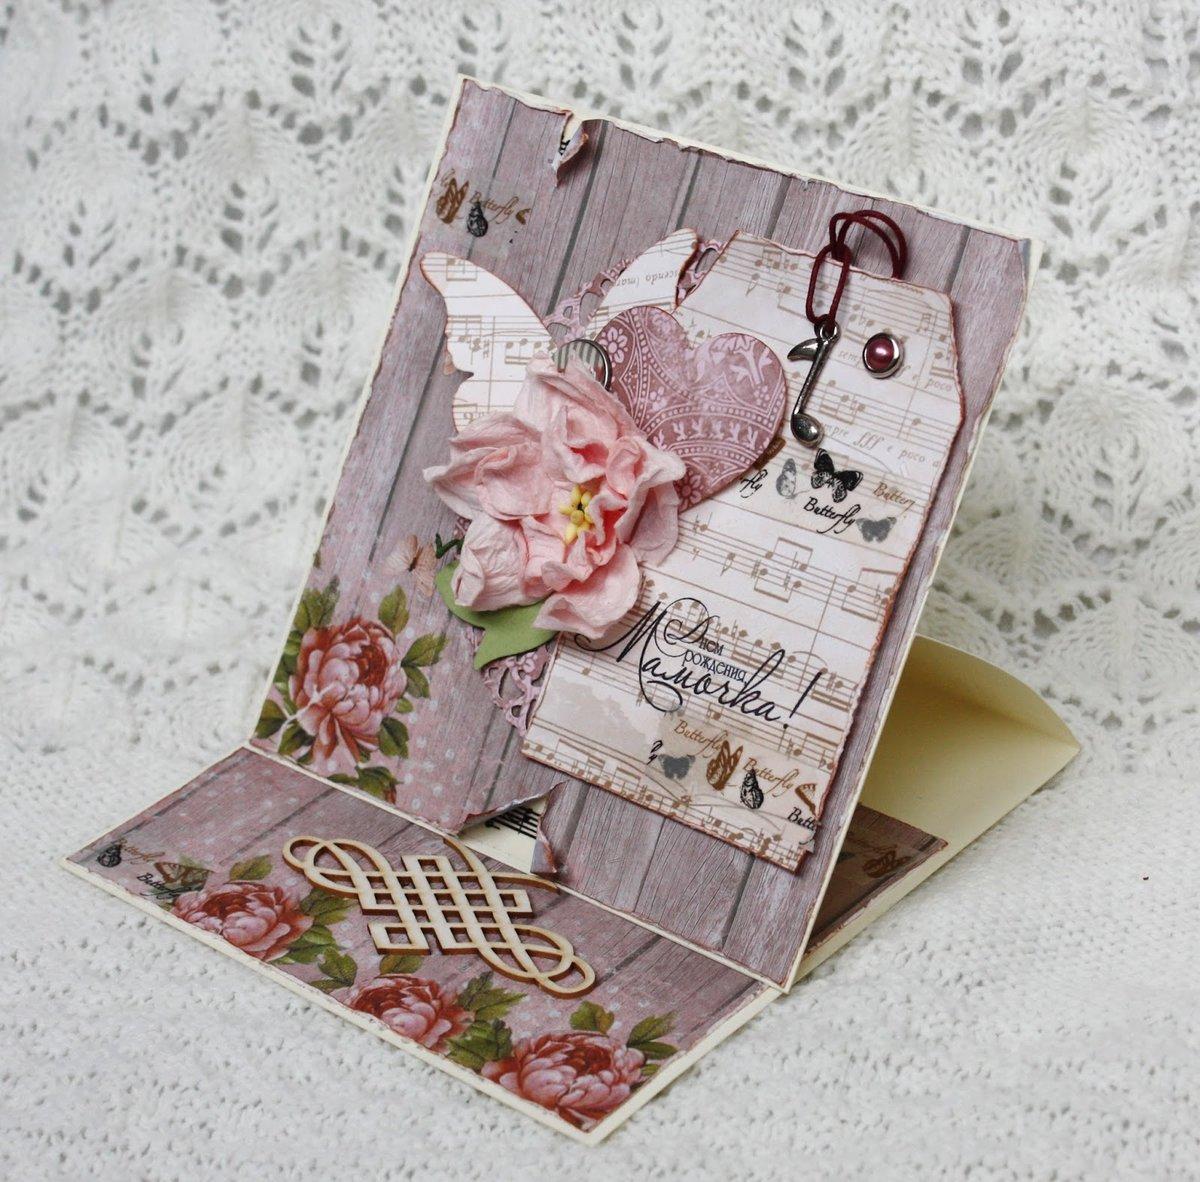 Скрап открытка с днем рождения с фото и рецептами